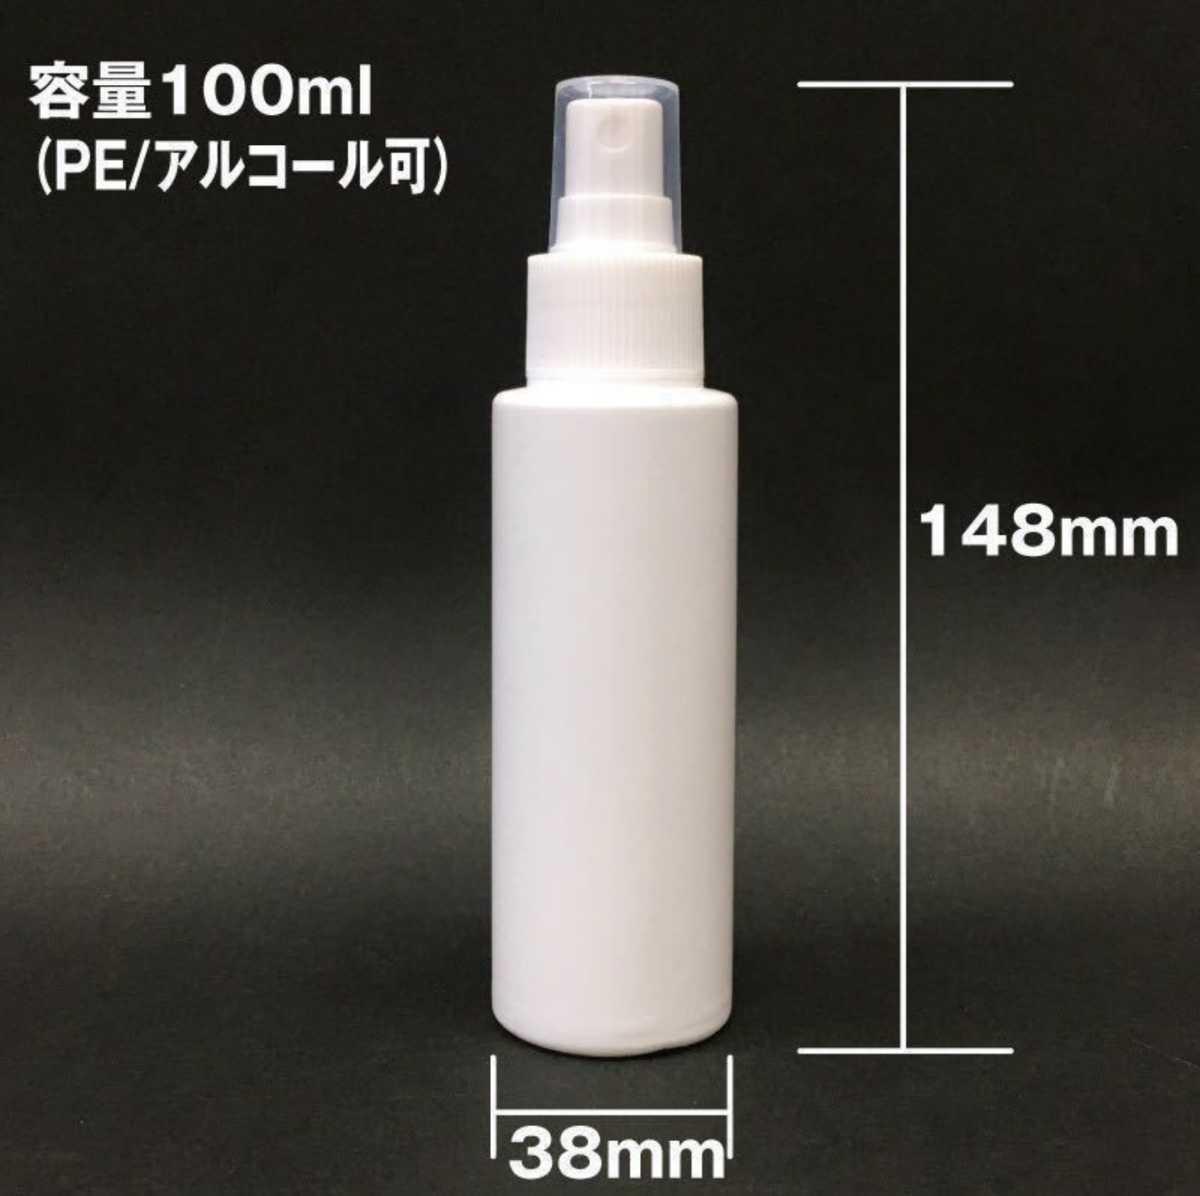 【新品・PE/空容器】スプレー容器7本セット500ml噴霧スプレーボトル2本+100mlスプレーボトル5本 高濃度アルコール パストリーゼ77_画像9